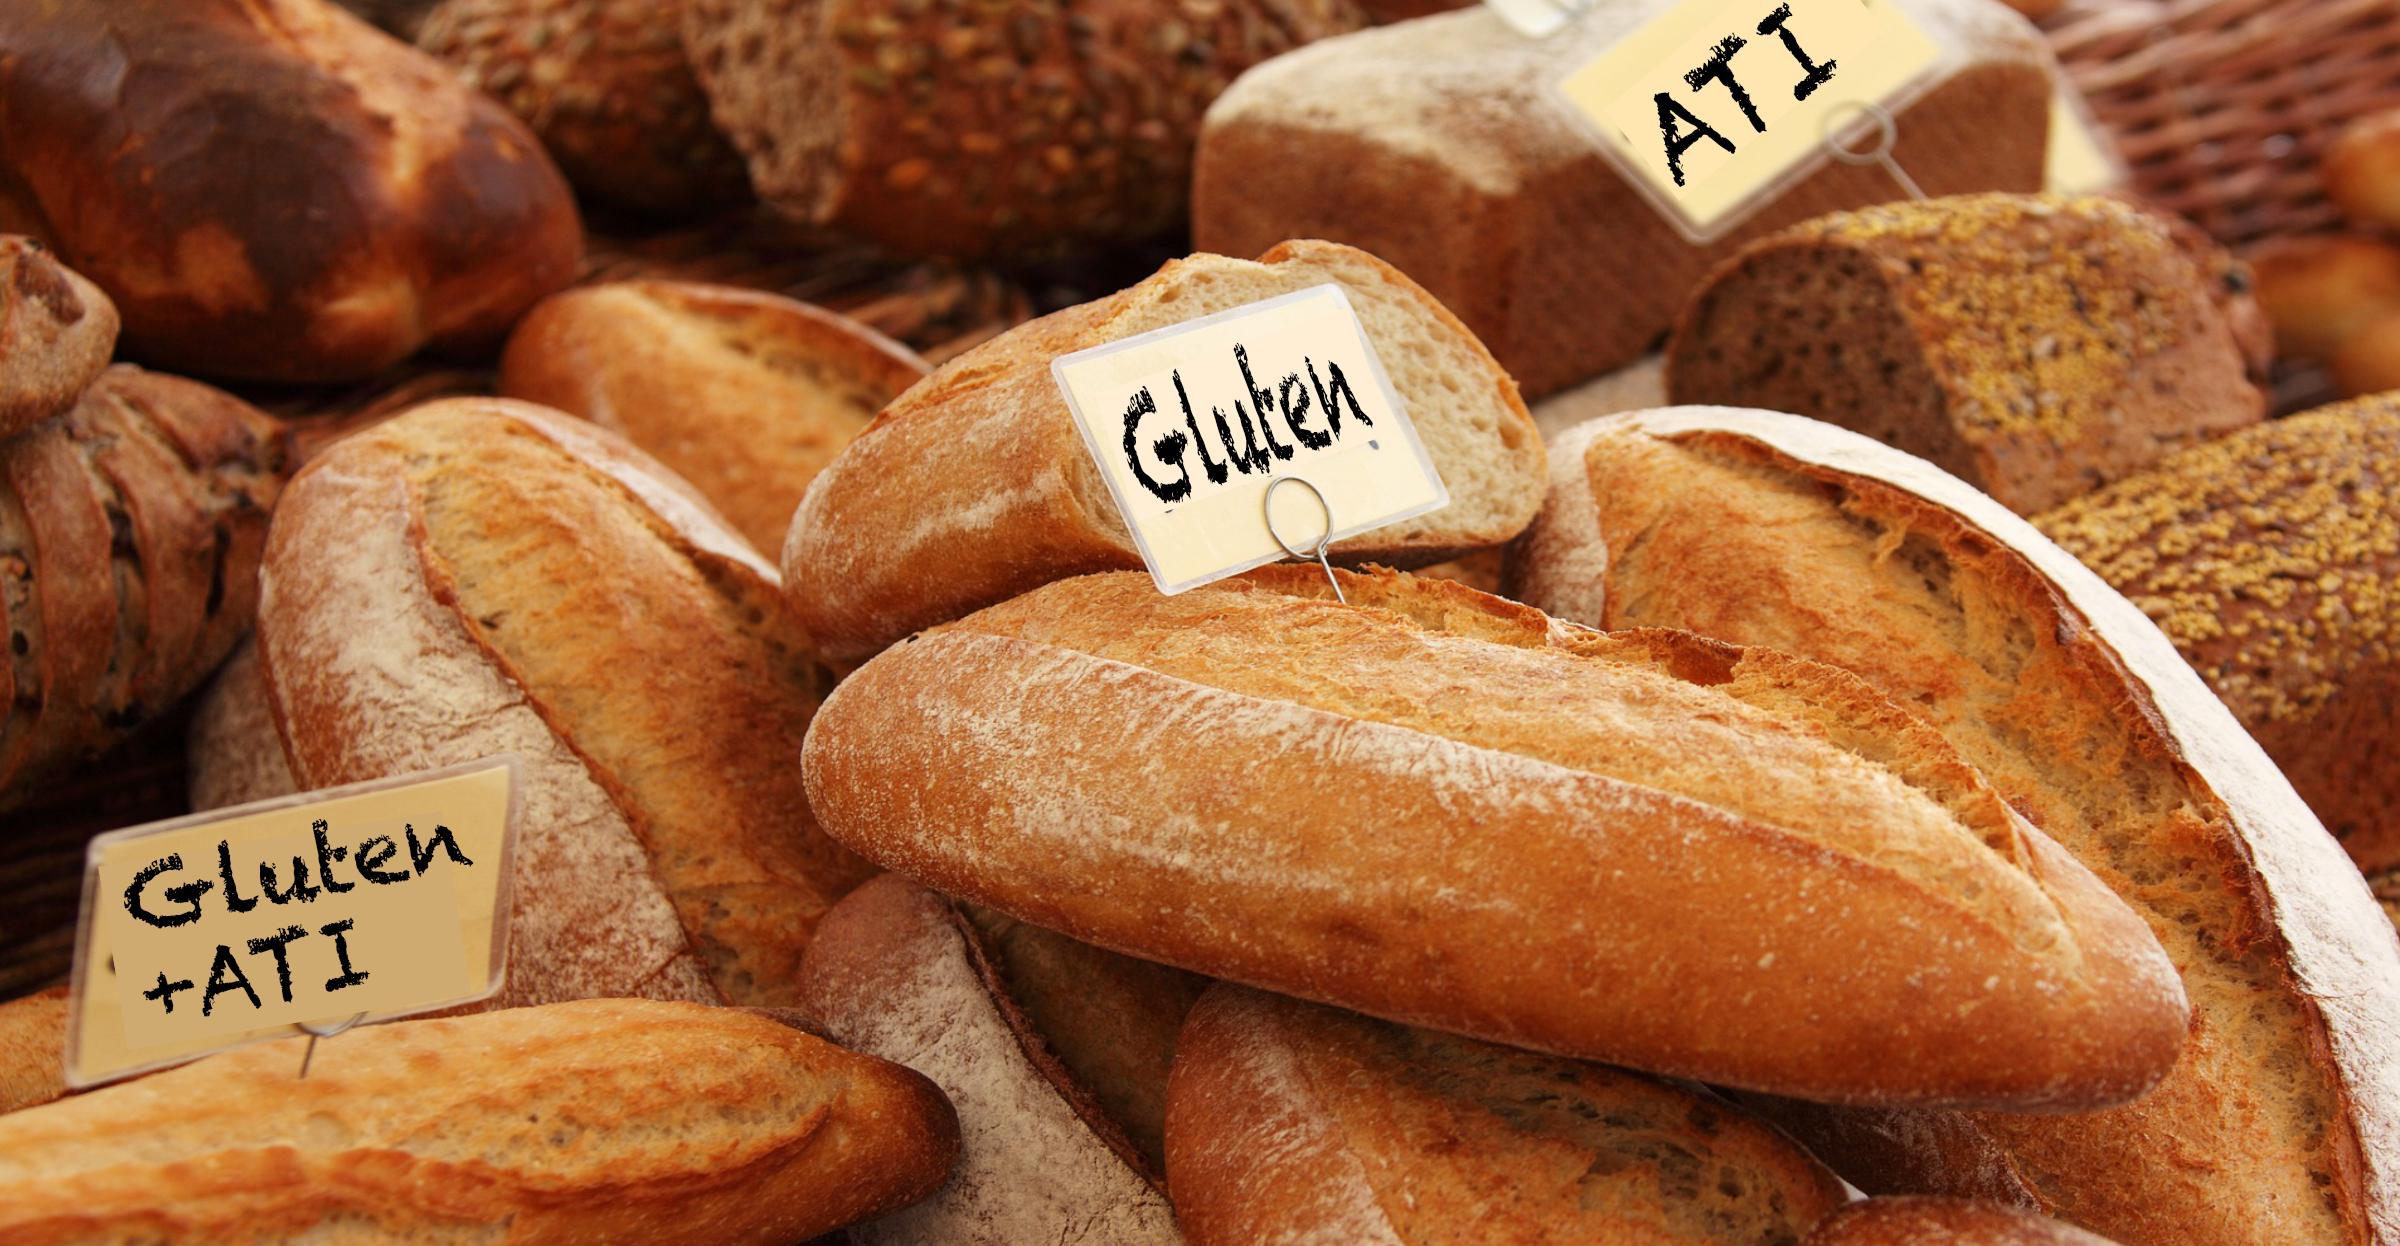 Was genau vertragen wir da eigentlich nicht? Gluten oder ATI?